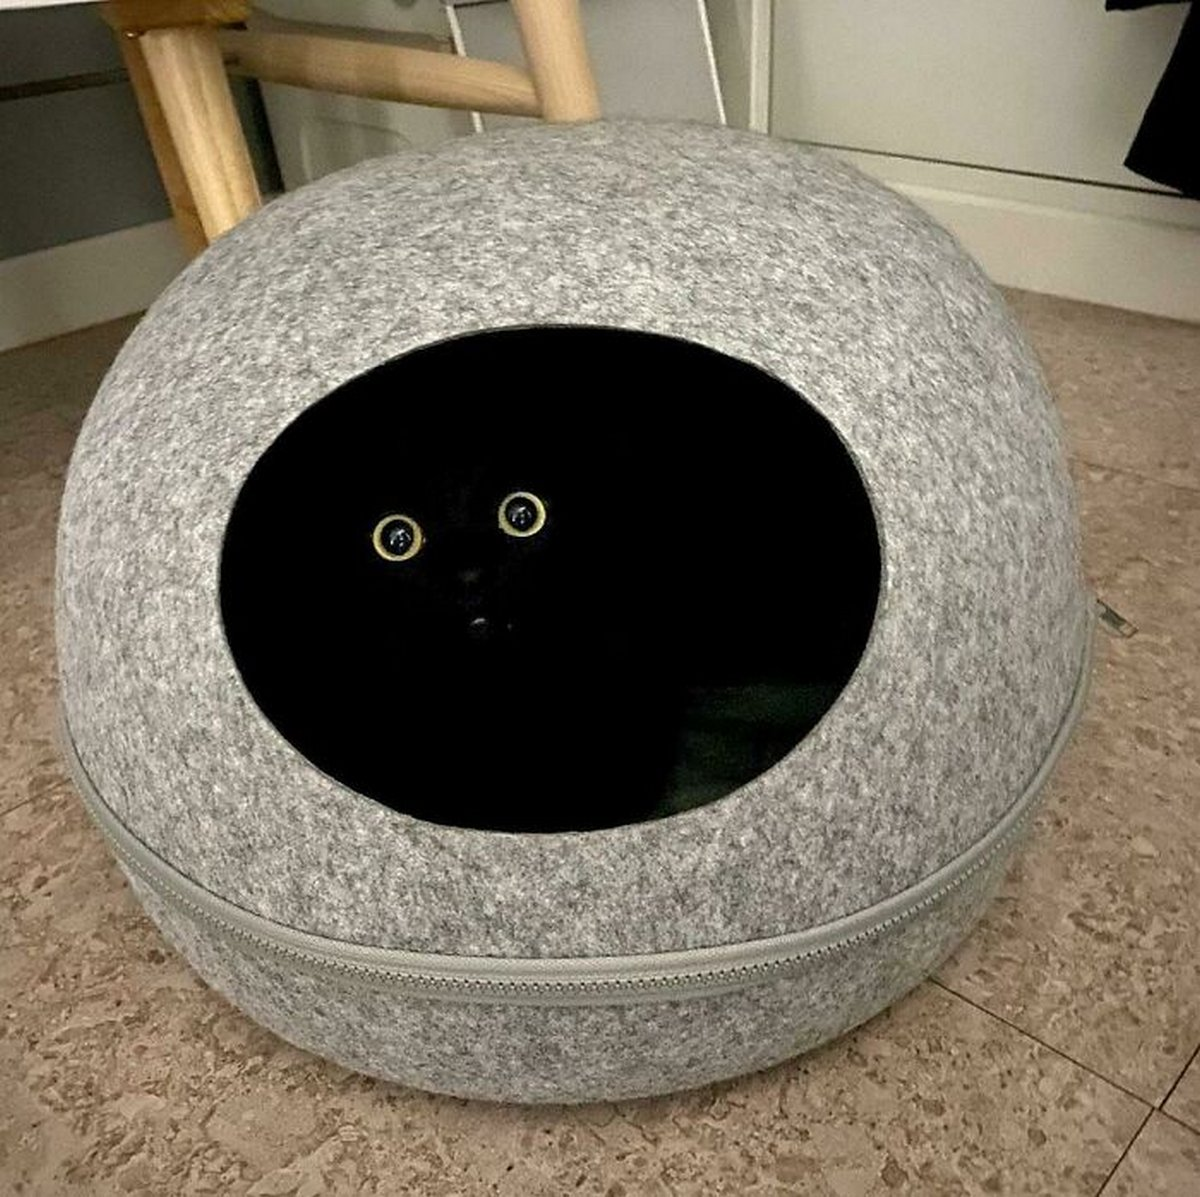 Voici les photos de chats les plus drôles du Web